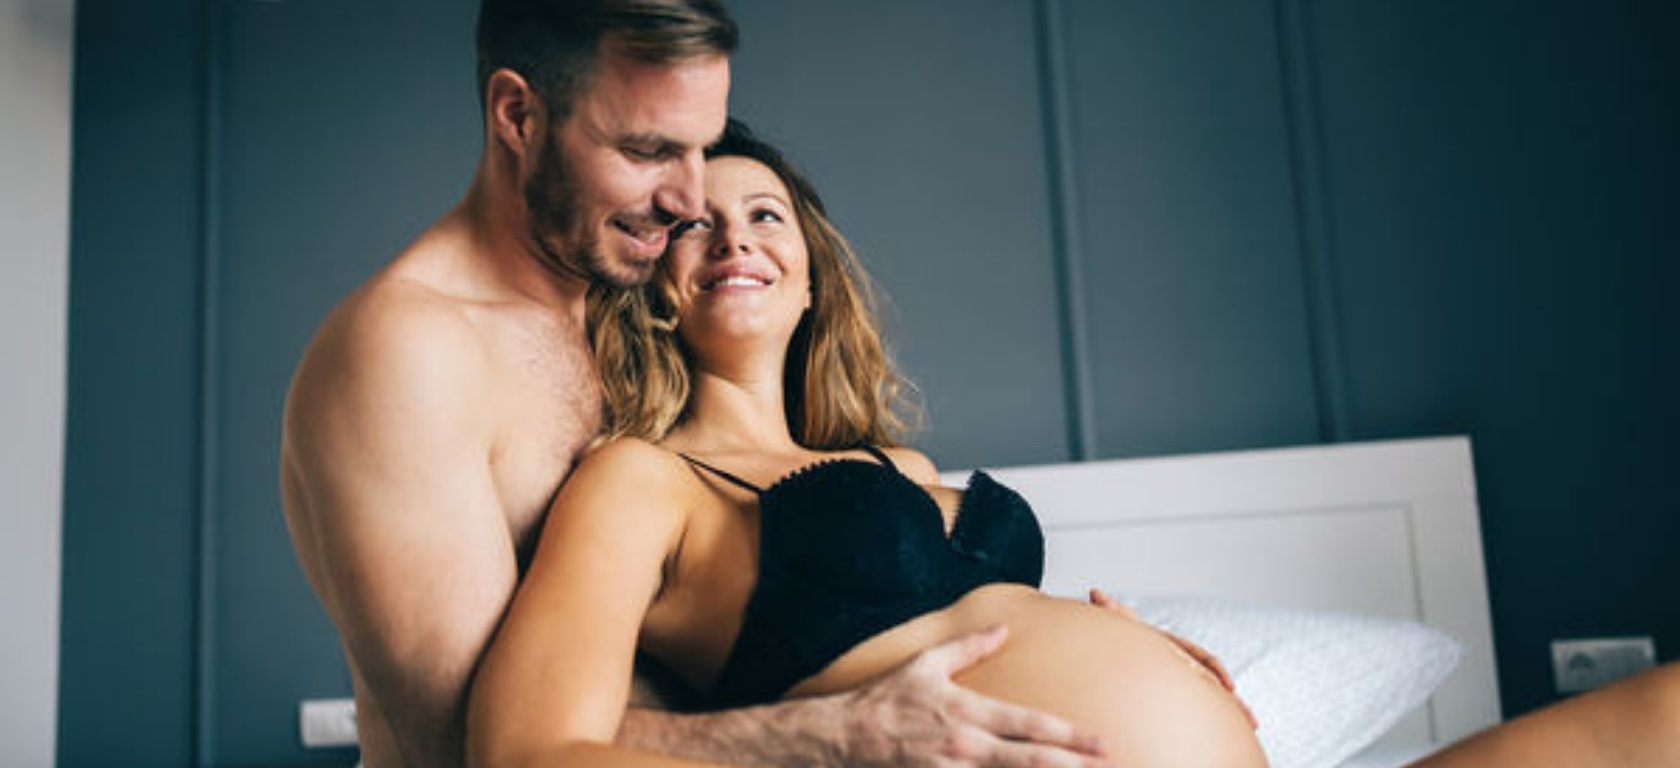 Σεξουαλικές στάσεις στην εγκυμοσύνη, έγκυος και σεξ, οργασμός και εγκυμοσύνη,